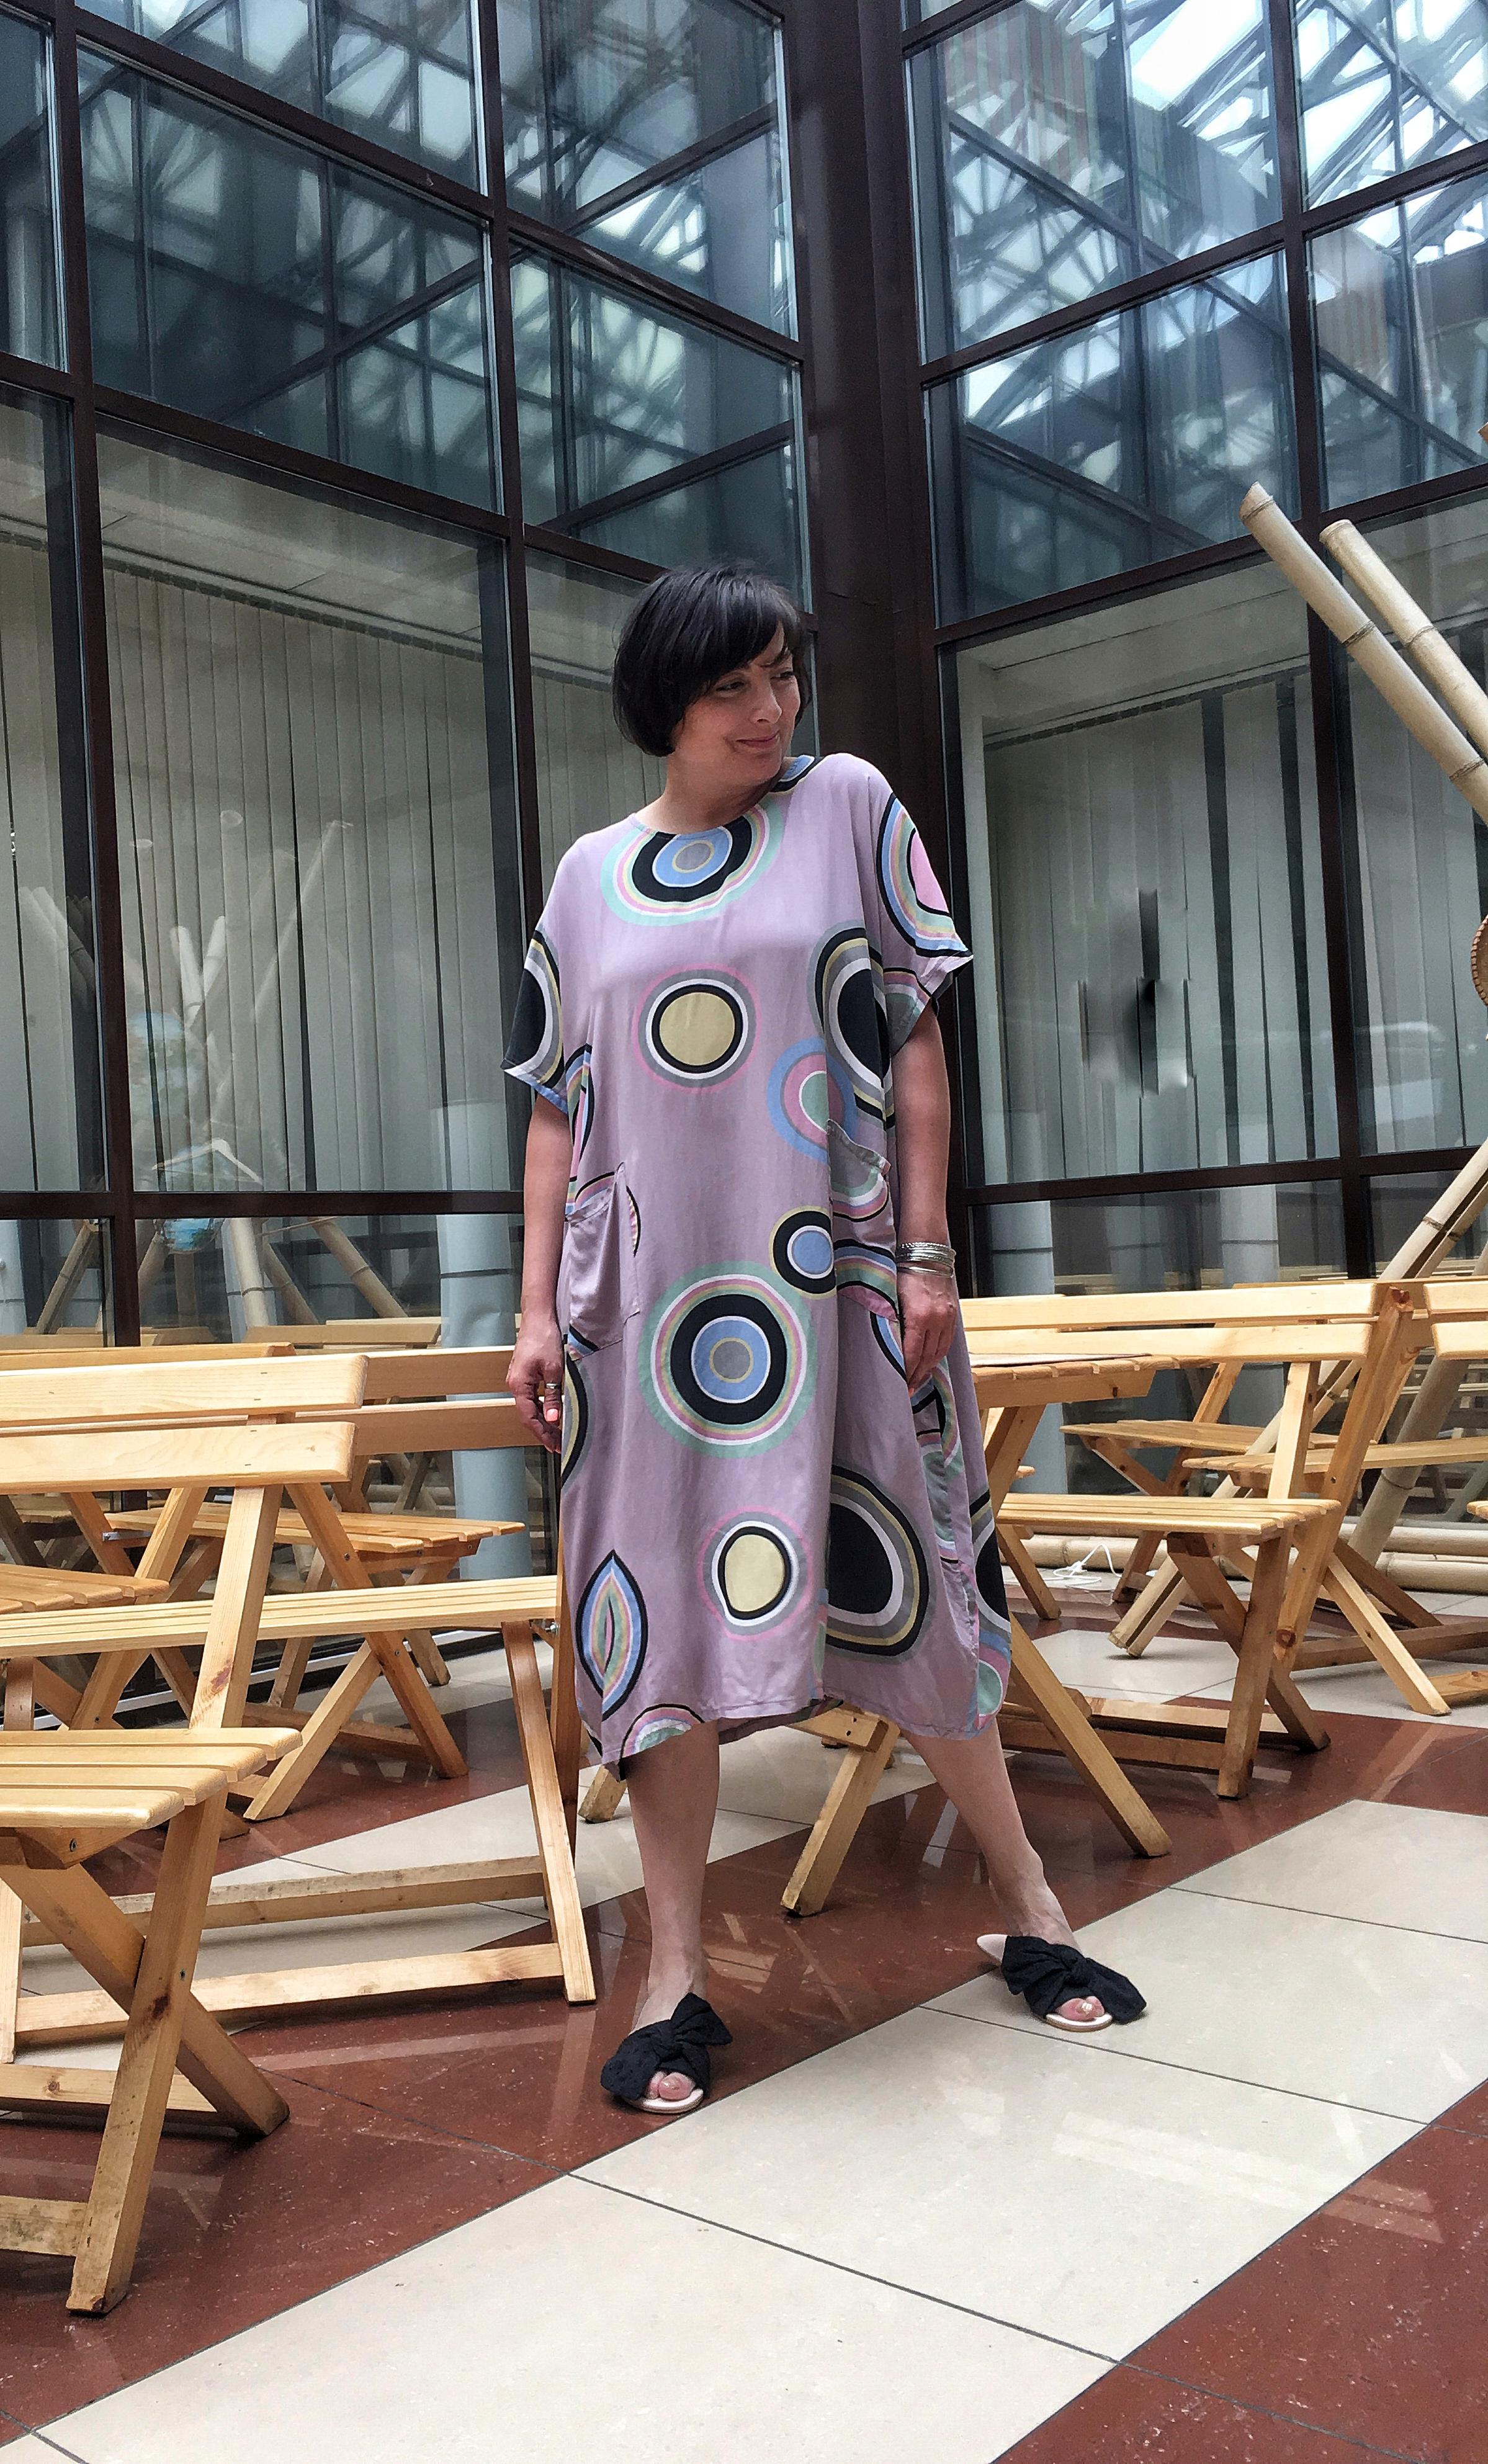 688db02c9b9e Женская одежда интернет магазин ЮLA. Одежда больших размеров.